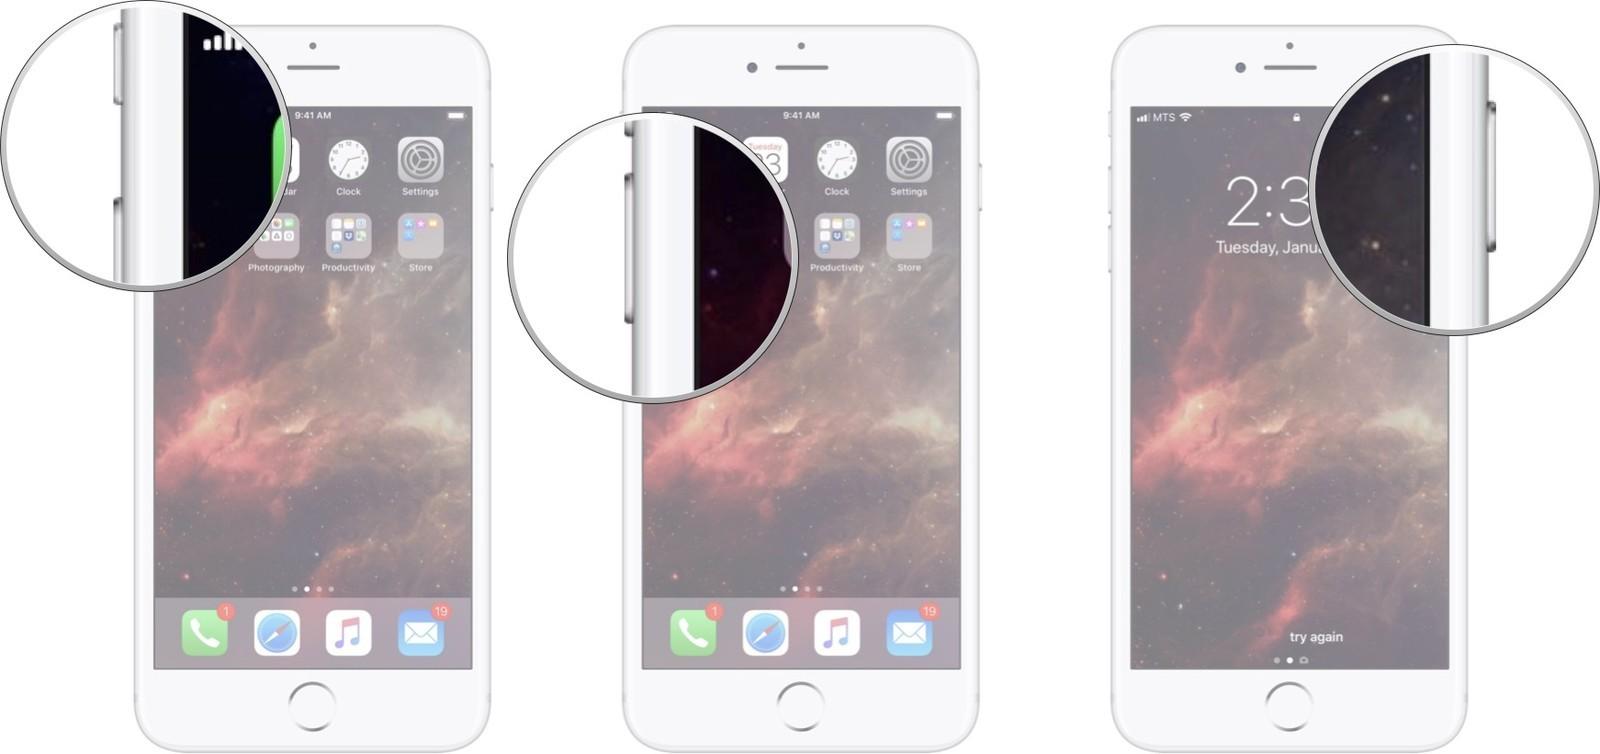 11 вещей которые должен знать каждый пользователь iPhone или iPad - экстренная перезагрузка